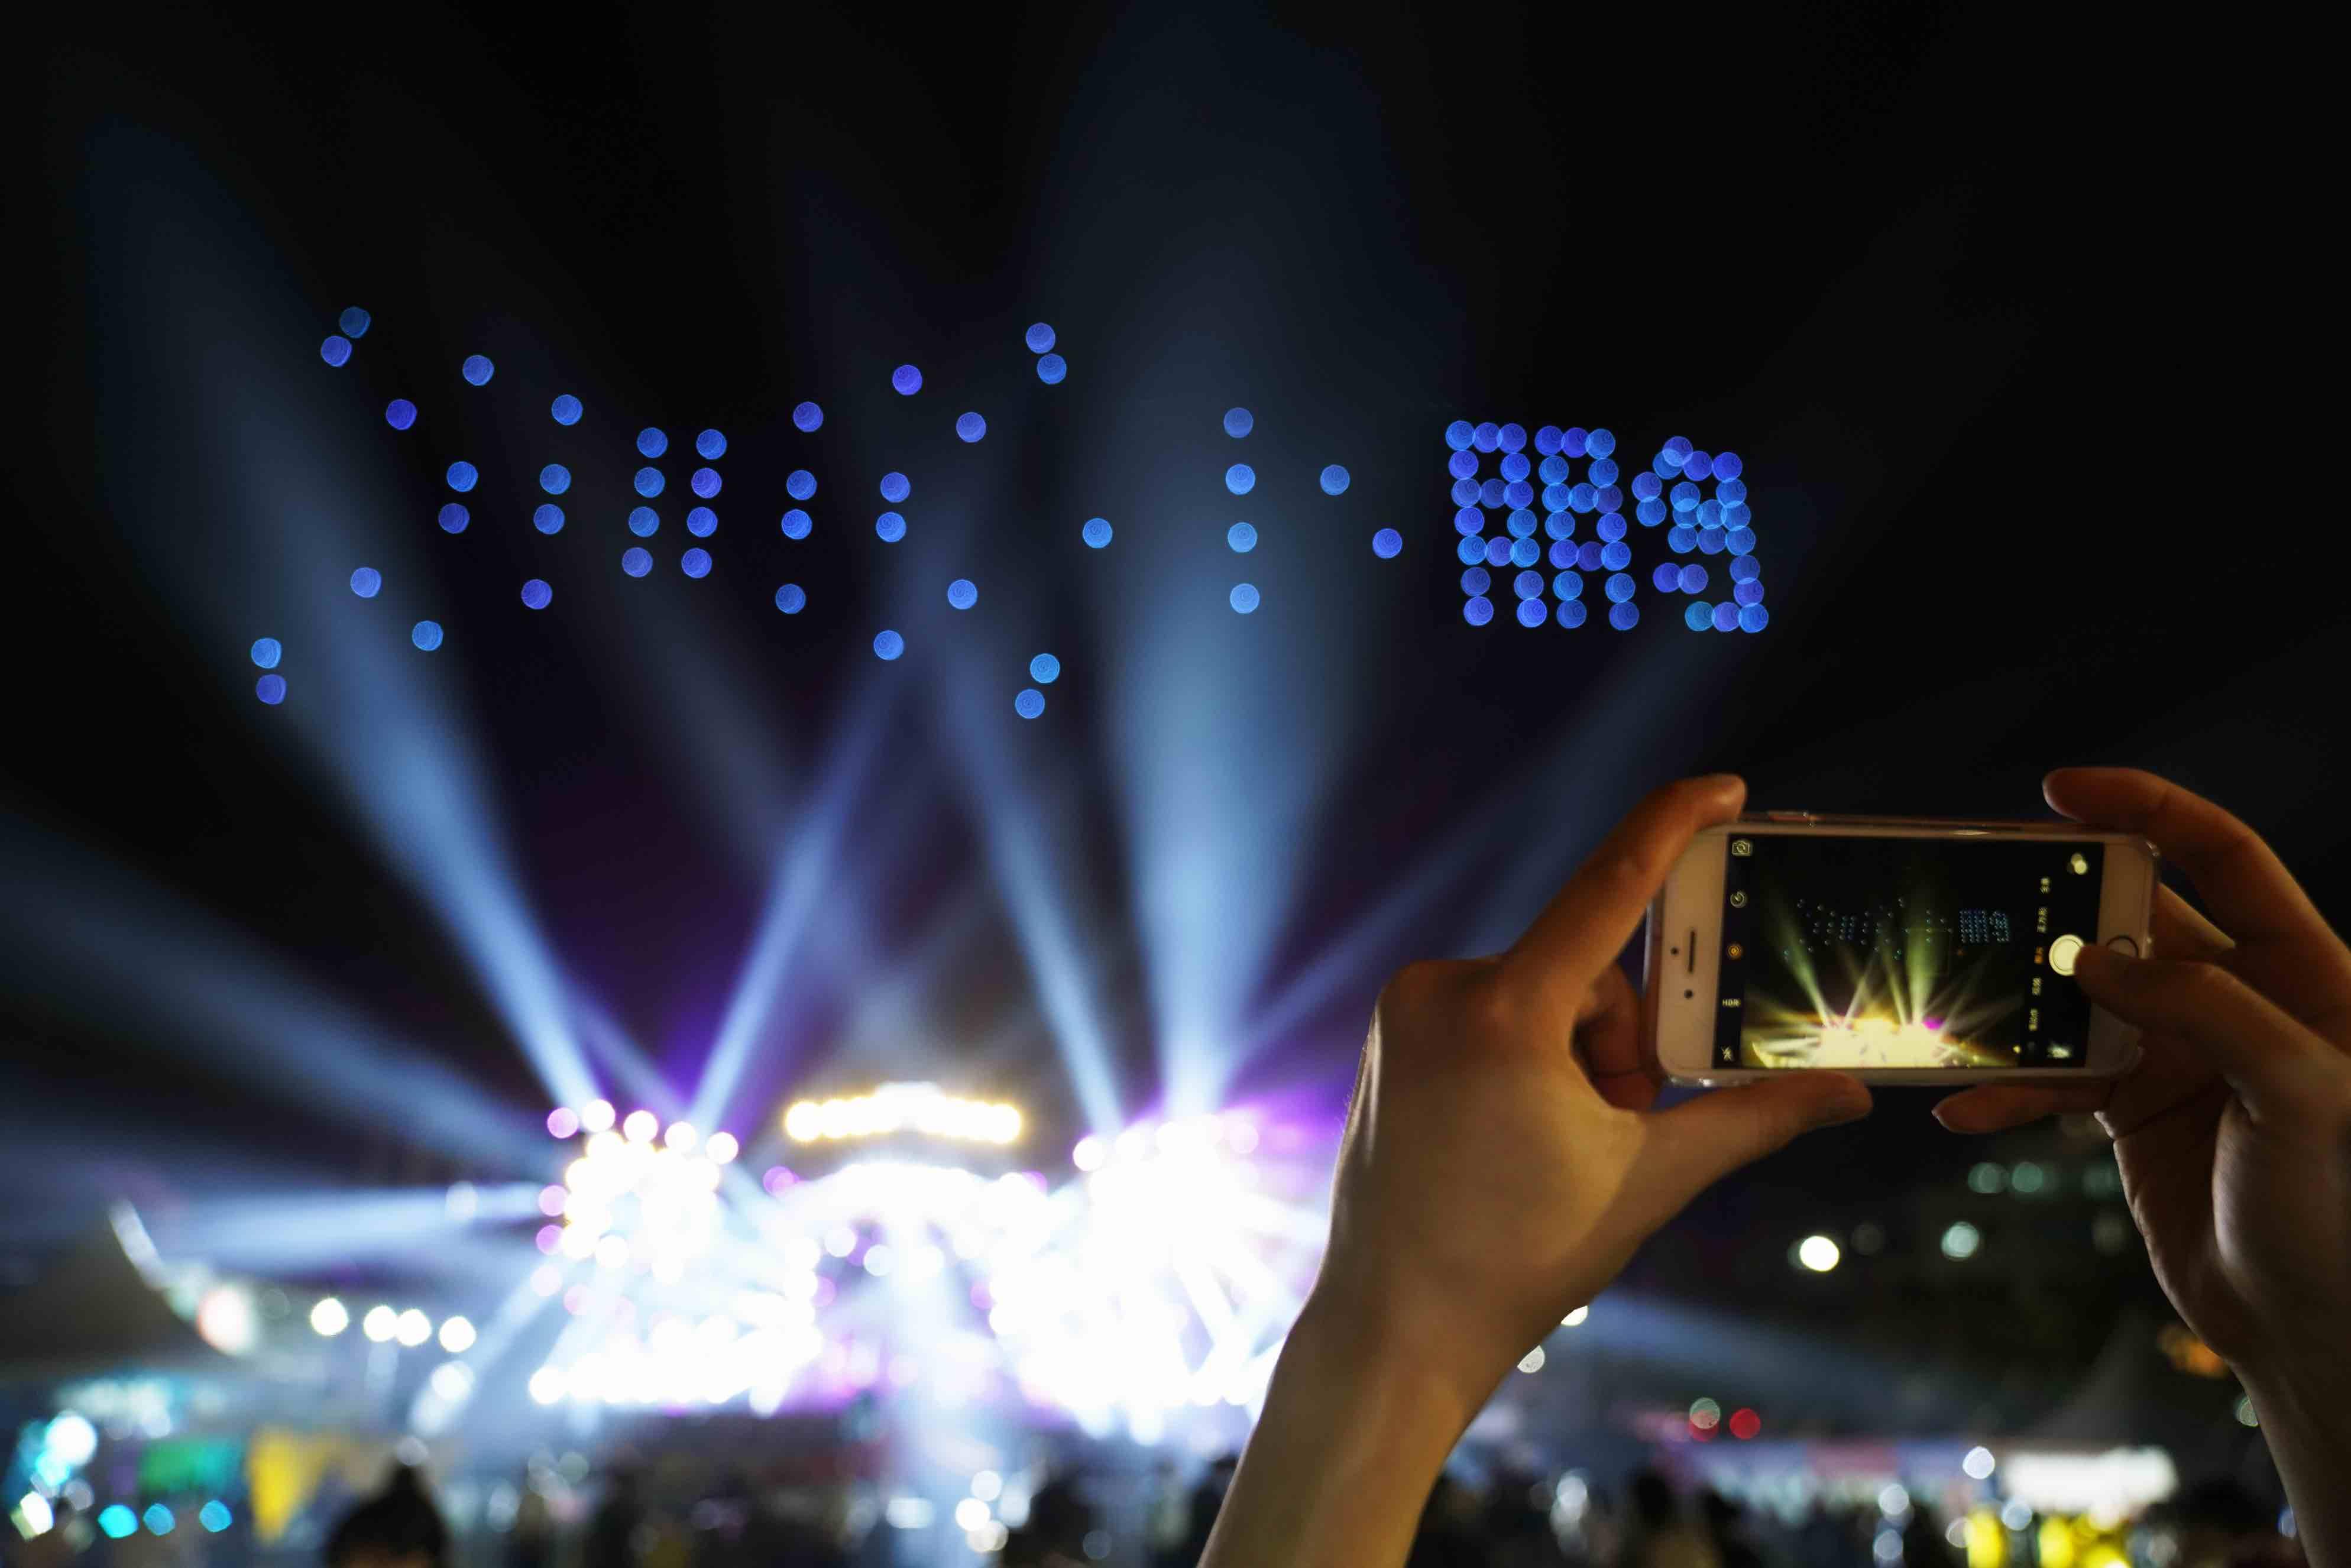 4、云栖大会2018当晚虾米音乐节现场 数百架无人机组成的小鹏汽车logo成为夜空中最亮的星.jpg